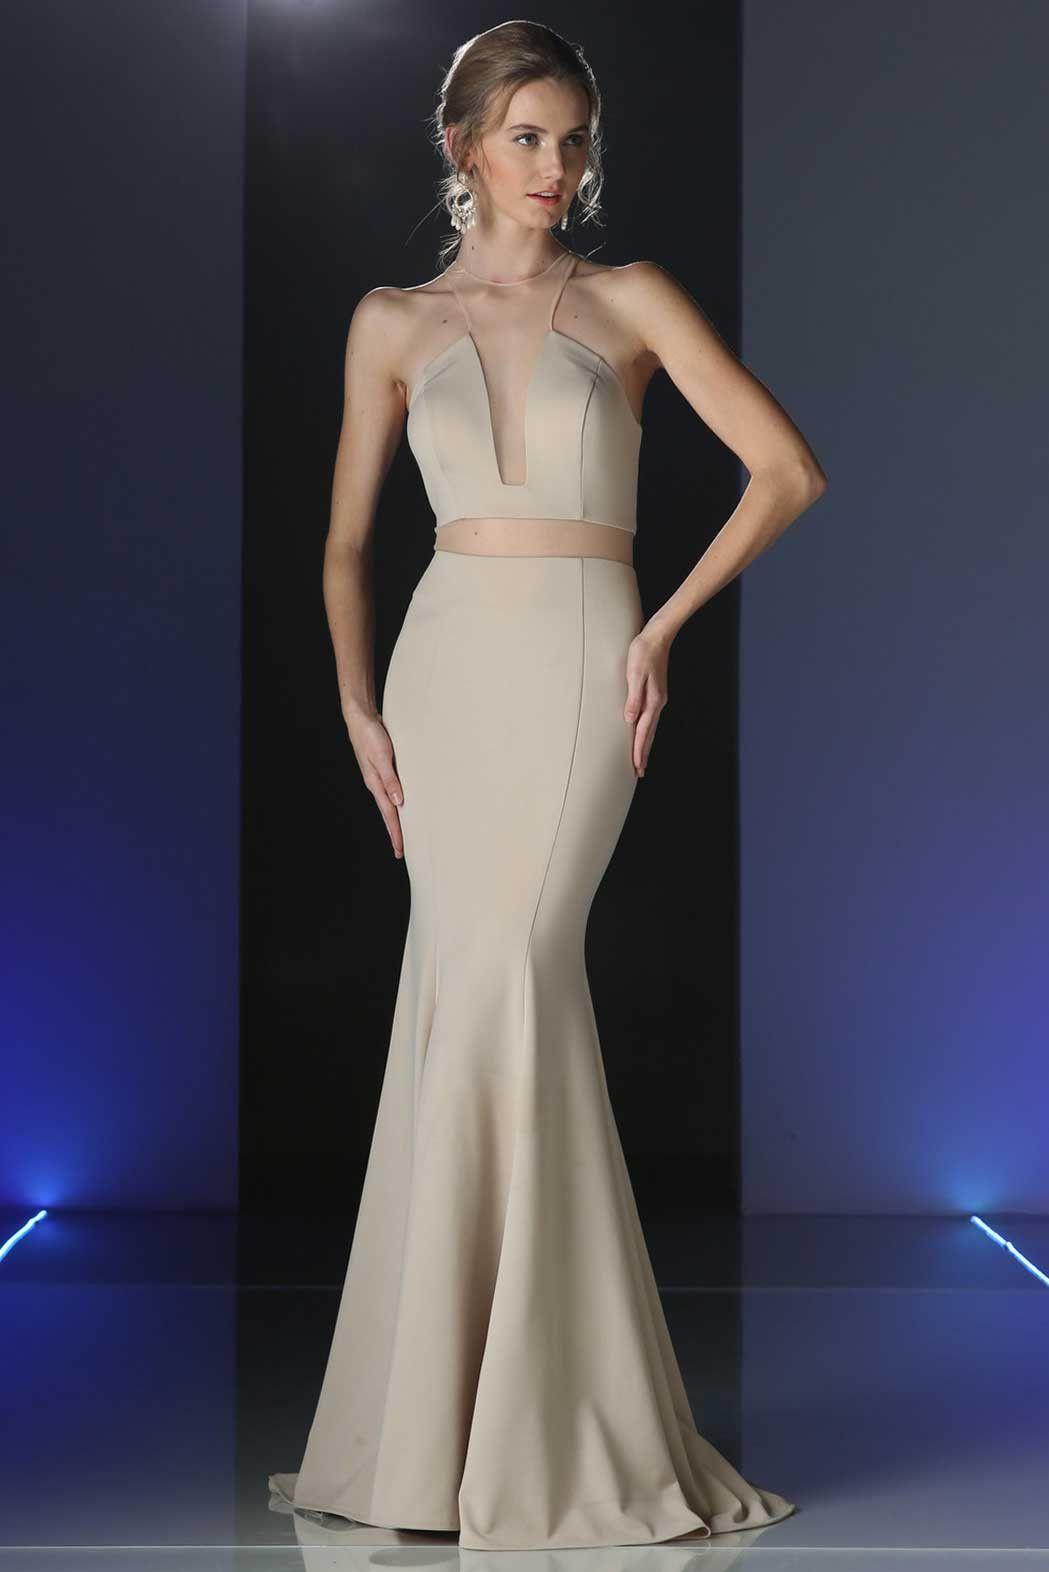 Dress in Mermaid Silhouette | Products | Pinterest | Mermaid ...